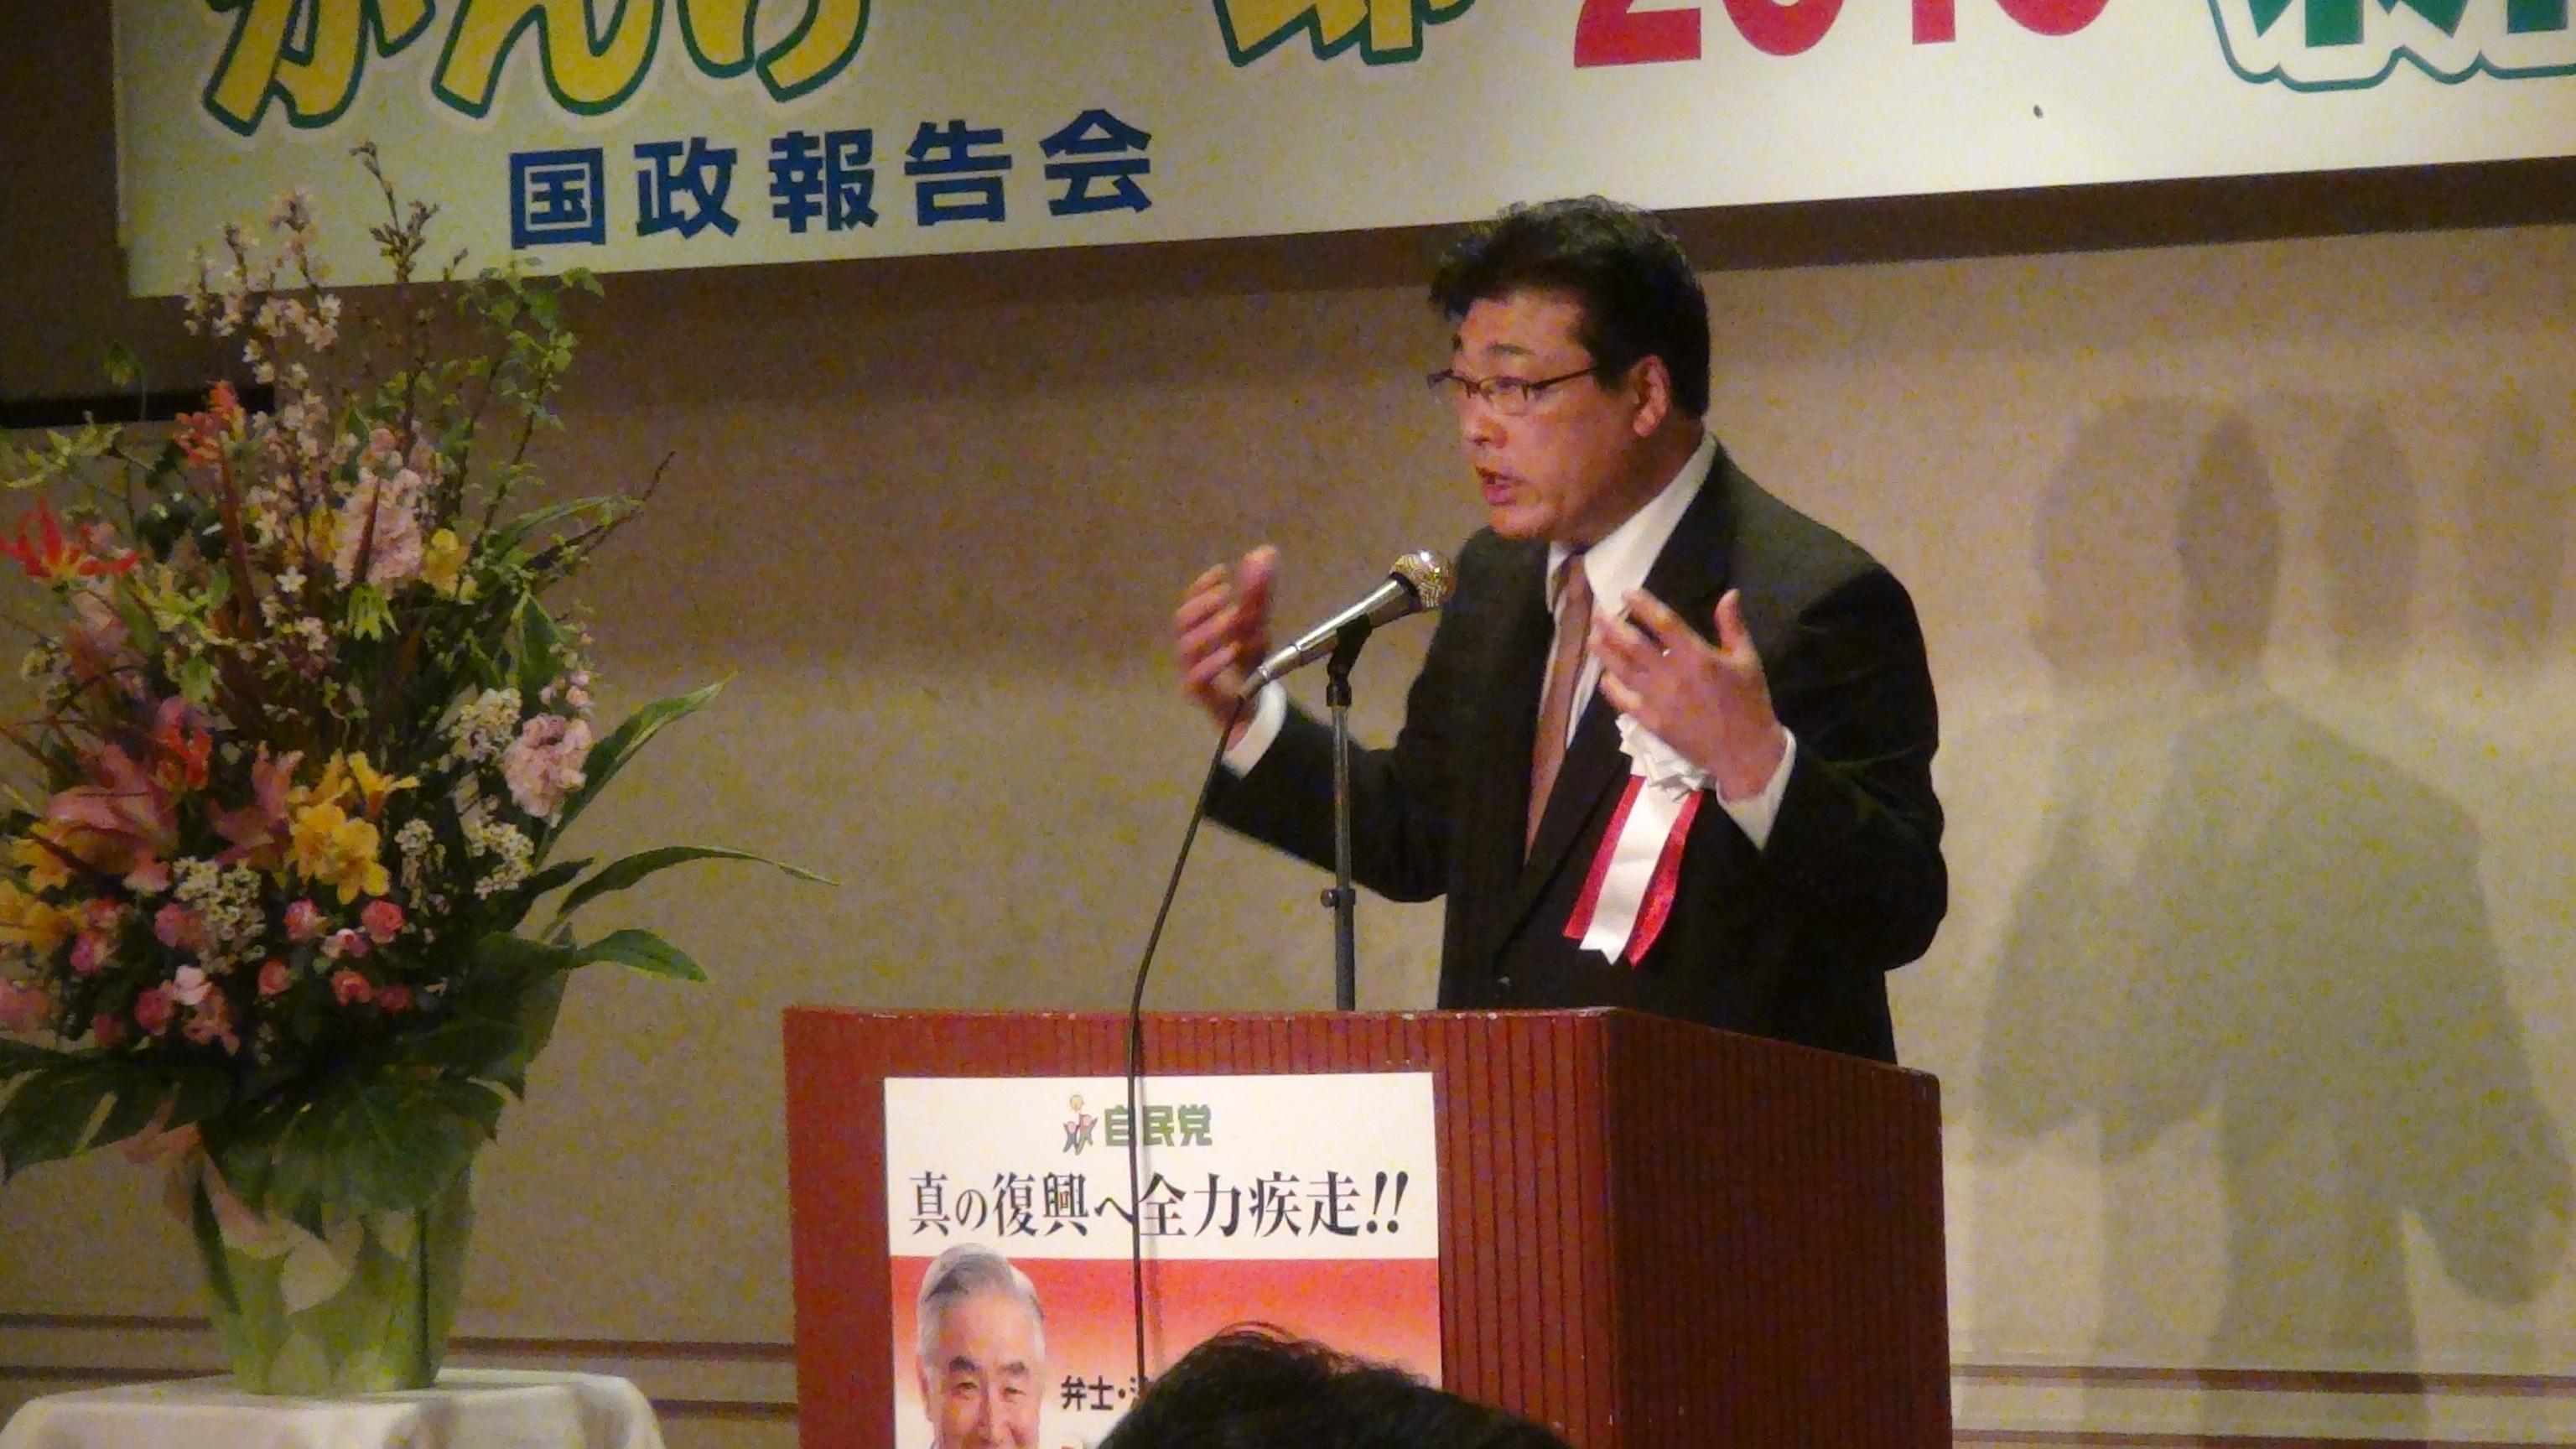 衆議院議員 かんけ一郎国政報告3